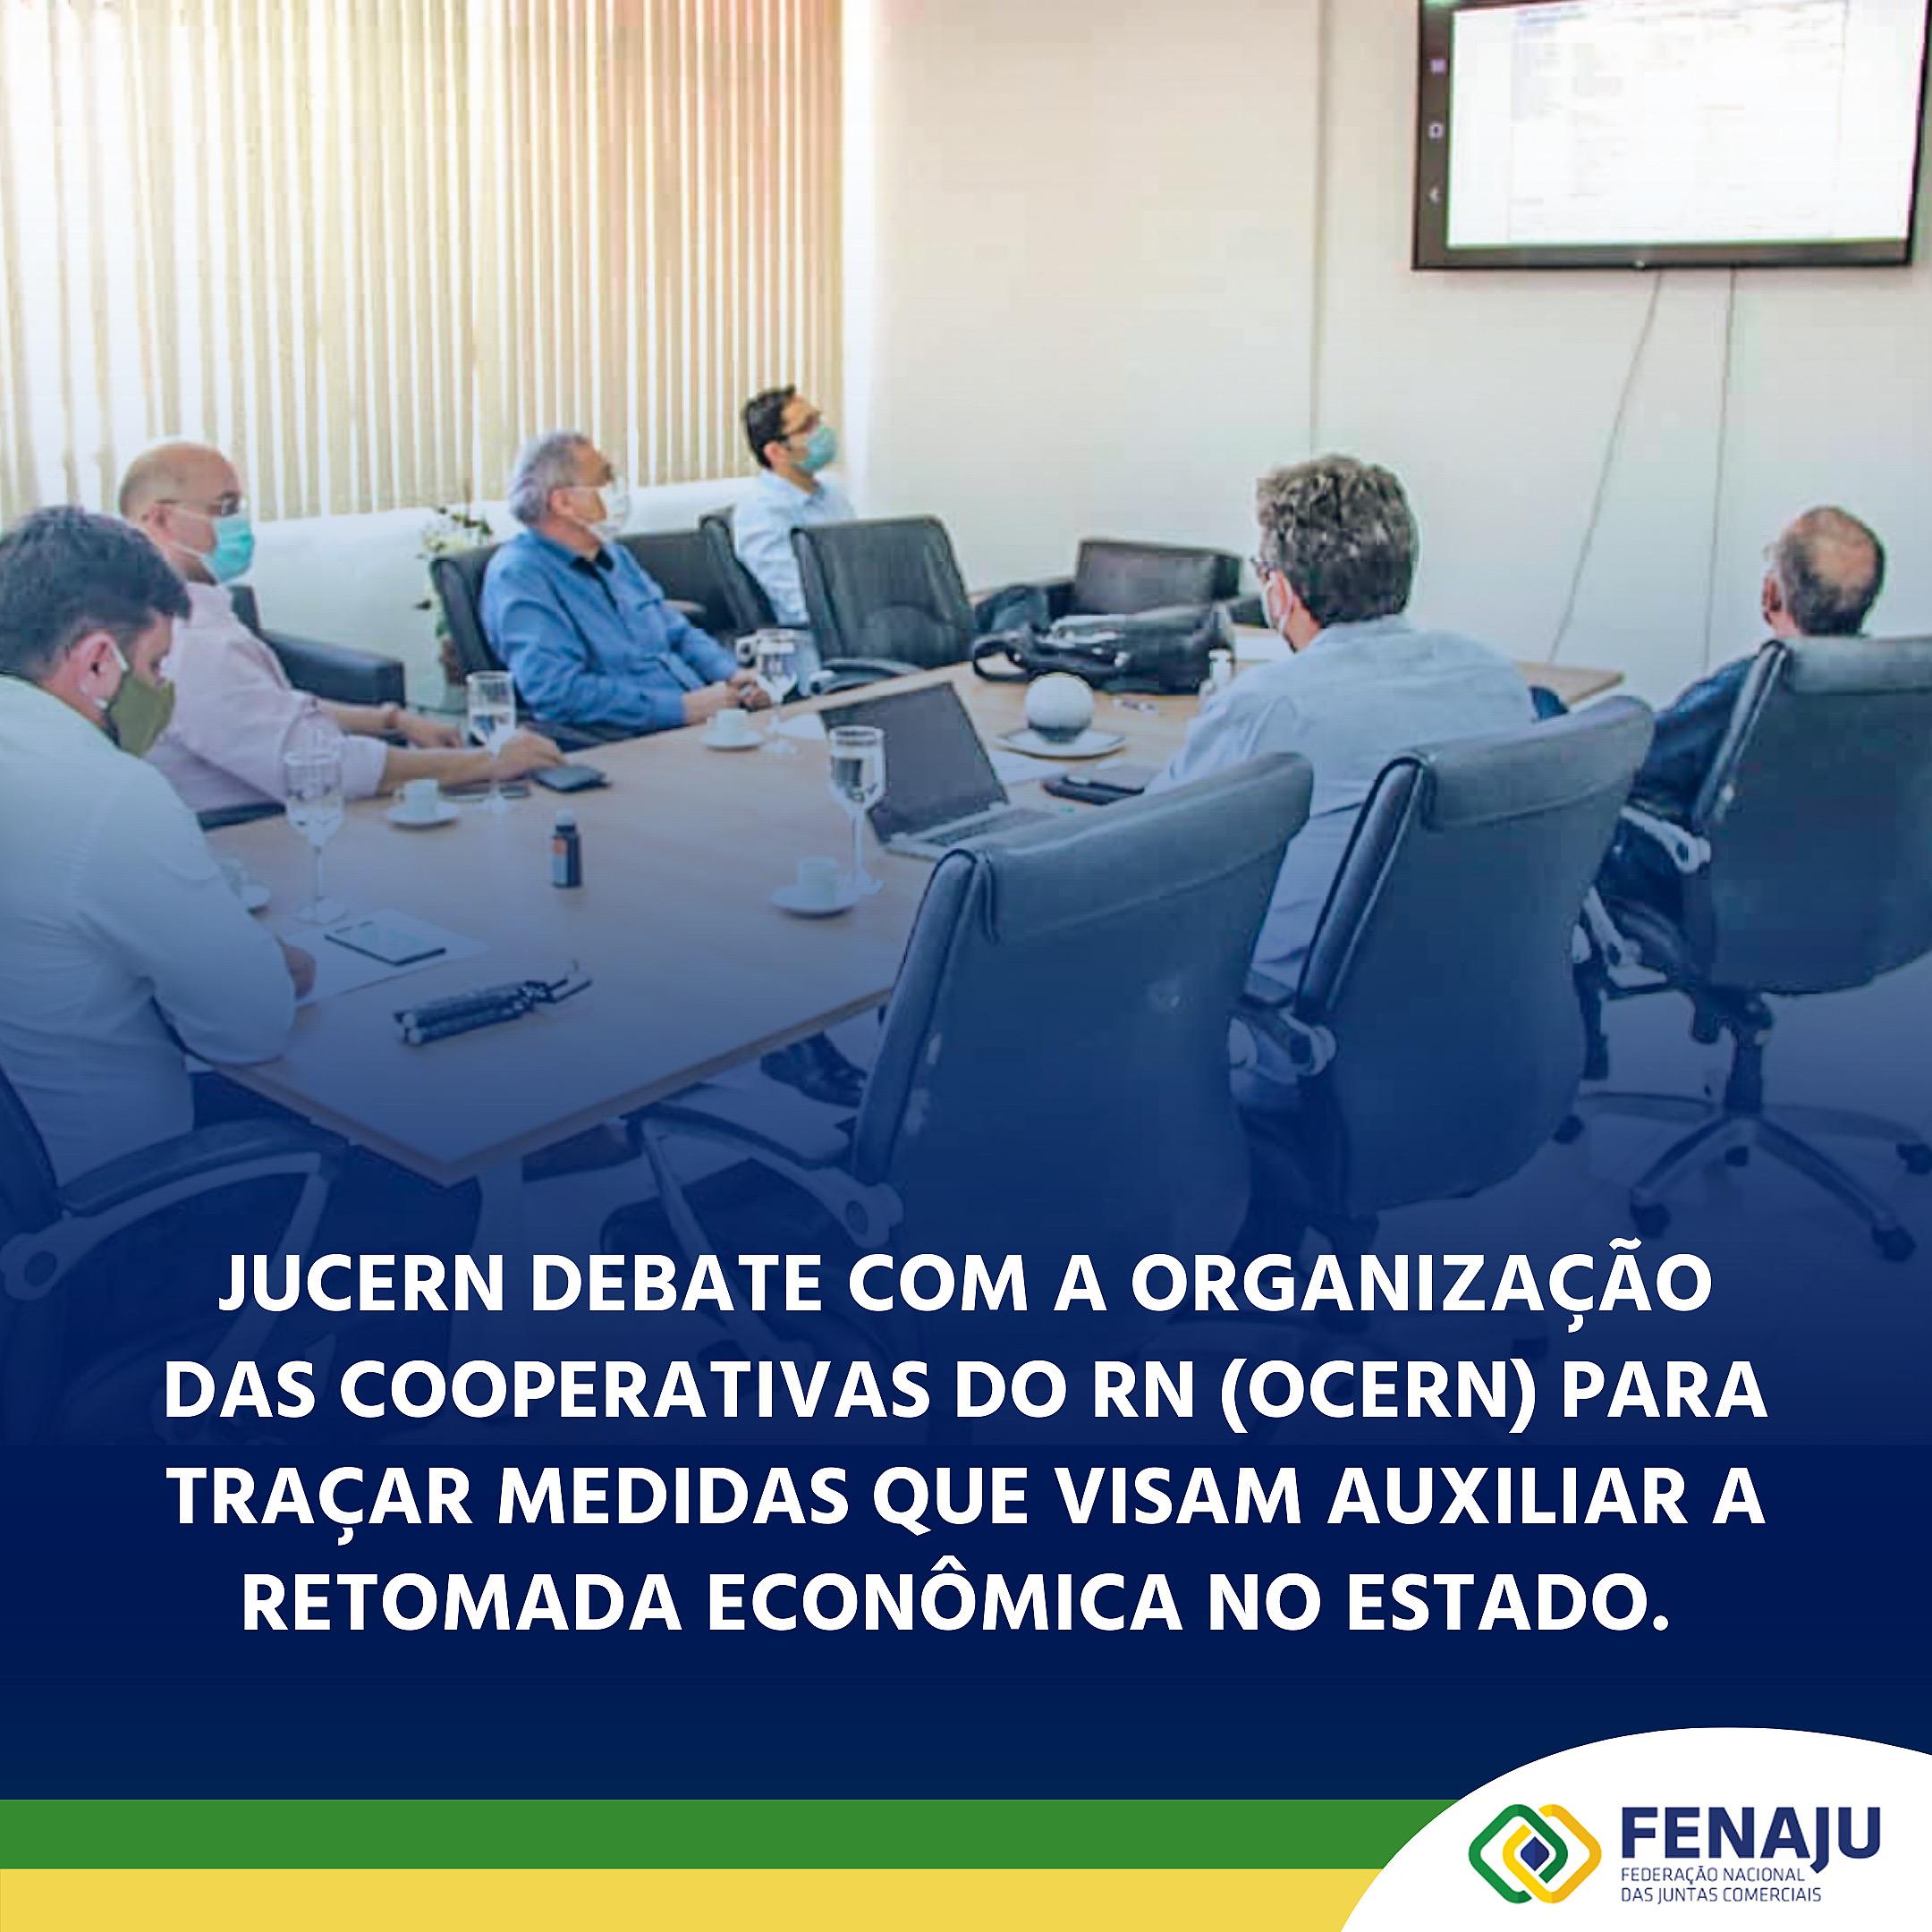 Jucern debate com a Organização das Cooperativas do RN (OCERN) para traçar medidas que visam auxiliar a retomada econômica no Estado